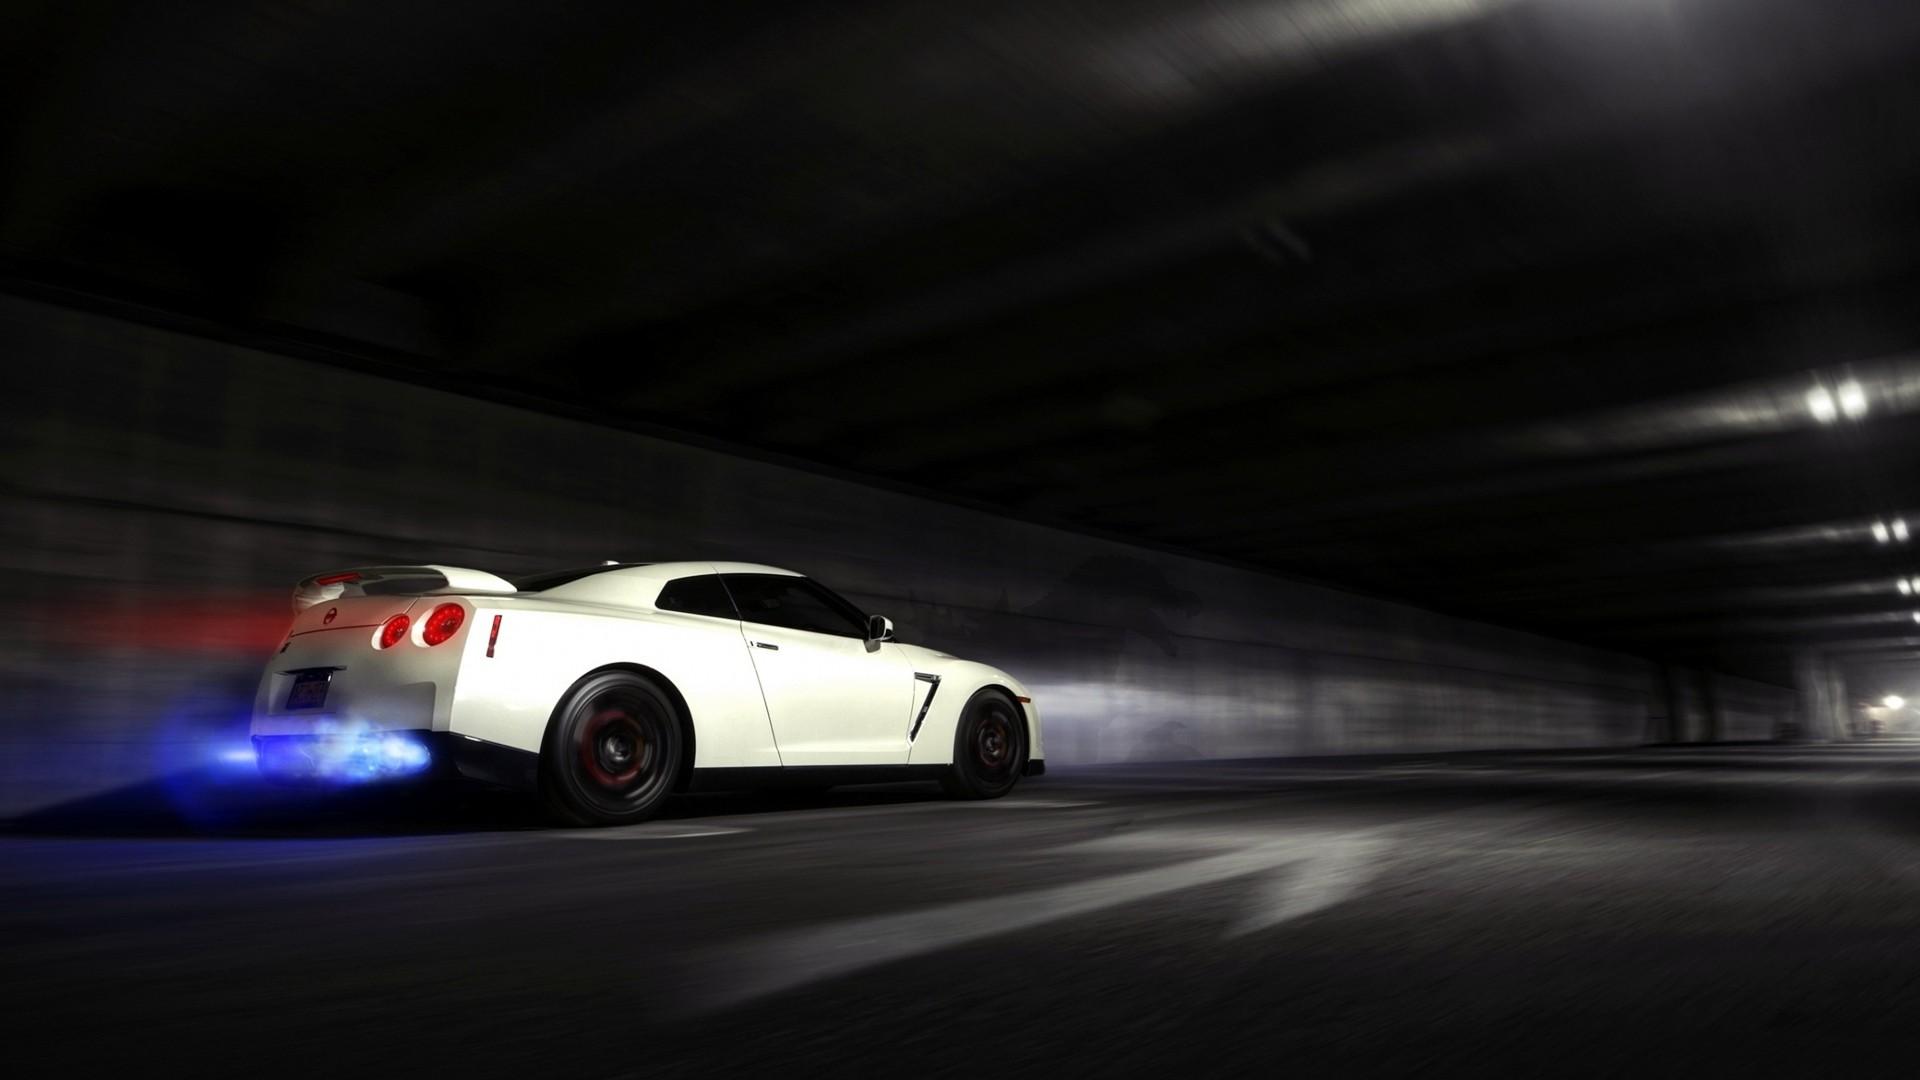 Nissan Skyline GTR Backfire Flame wallpaper 1920x1080 50718 1920x1080